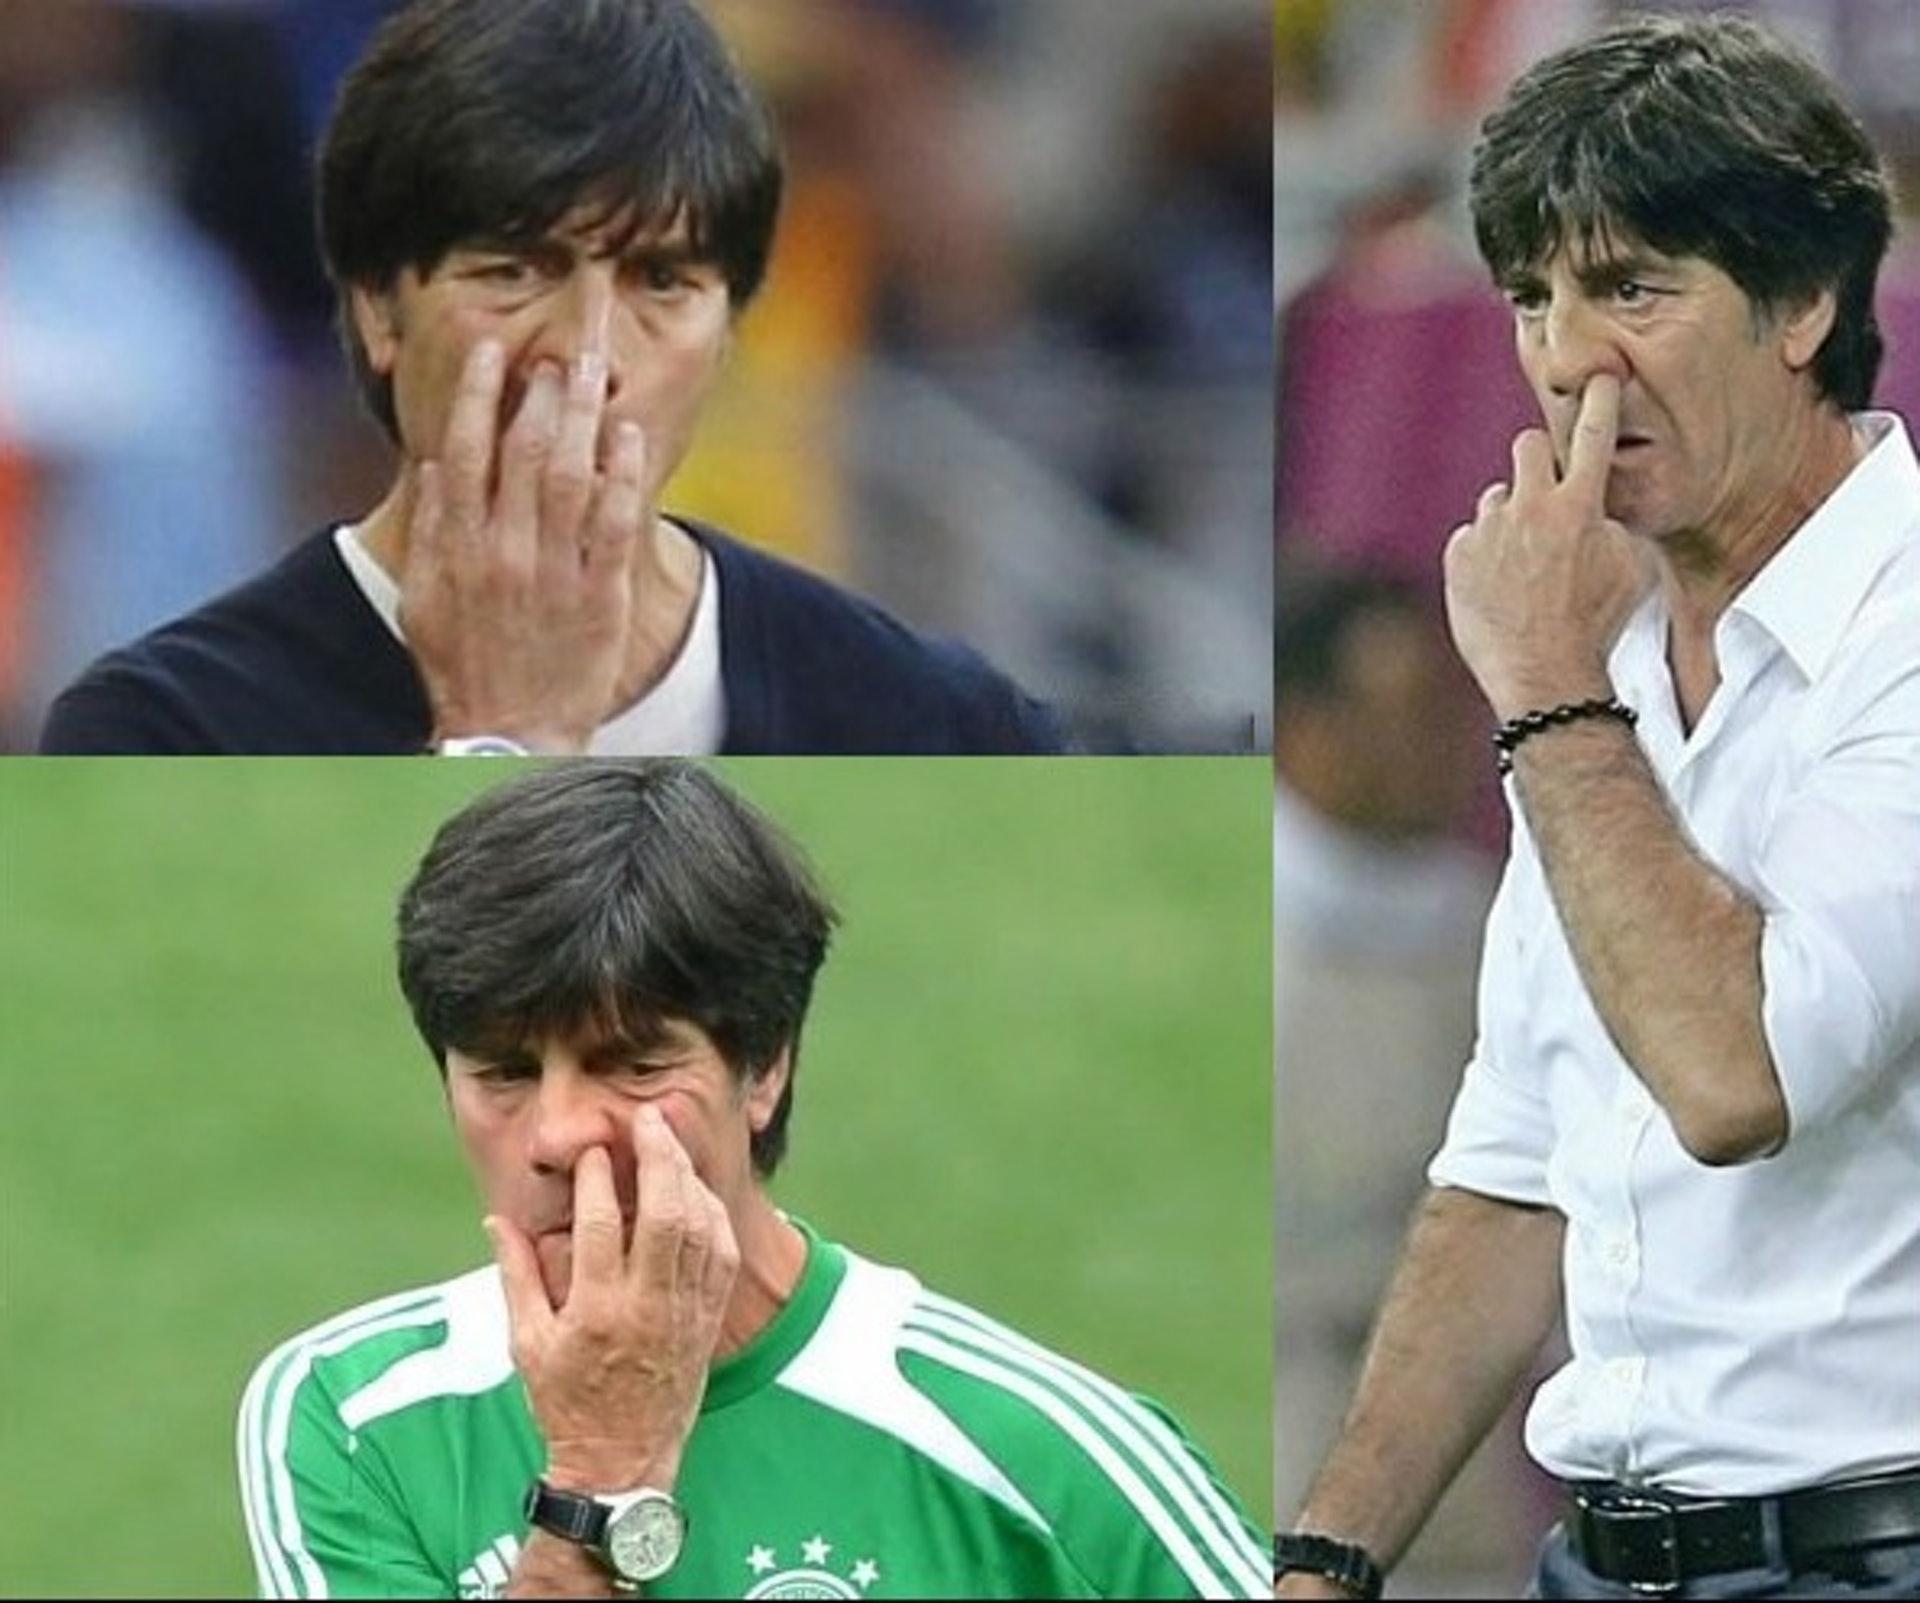 德國足球教練路維經常毫不避諱地在眾目睽睽下撩鼻屎再放入口。但鼻屎中帶有細菌甚至病毒,吃掉等於直接將細菌和病毒放入體內,絕對不是明智之舉。(圖片:sohu)